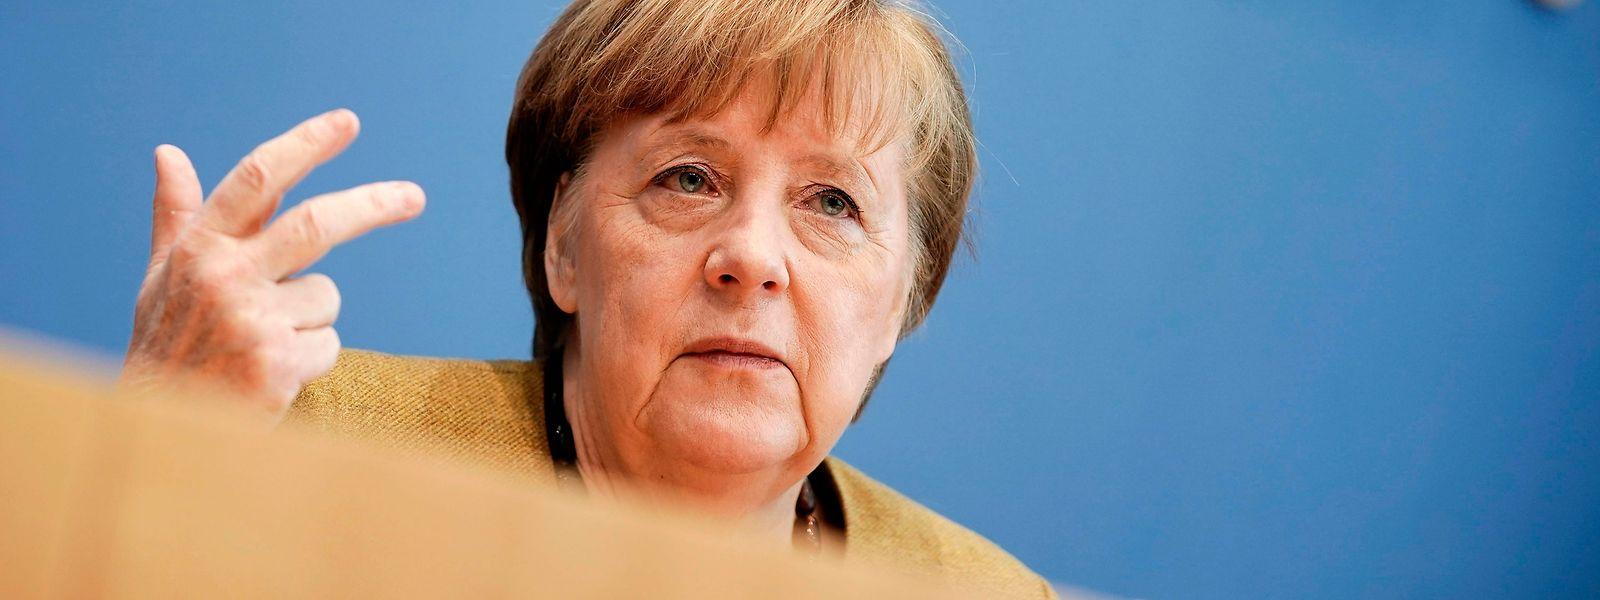 Wegen der gefürchteten neuen Varianten des Corona-Virus schließt Bundeskanzlerin Angela Merkel Kontrollen an den deutschen Grenzen nicht aus.